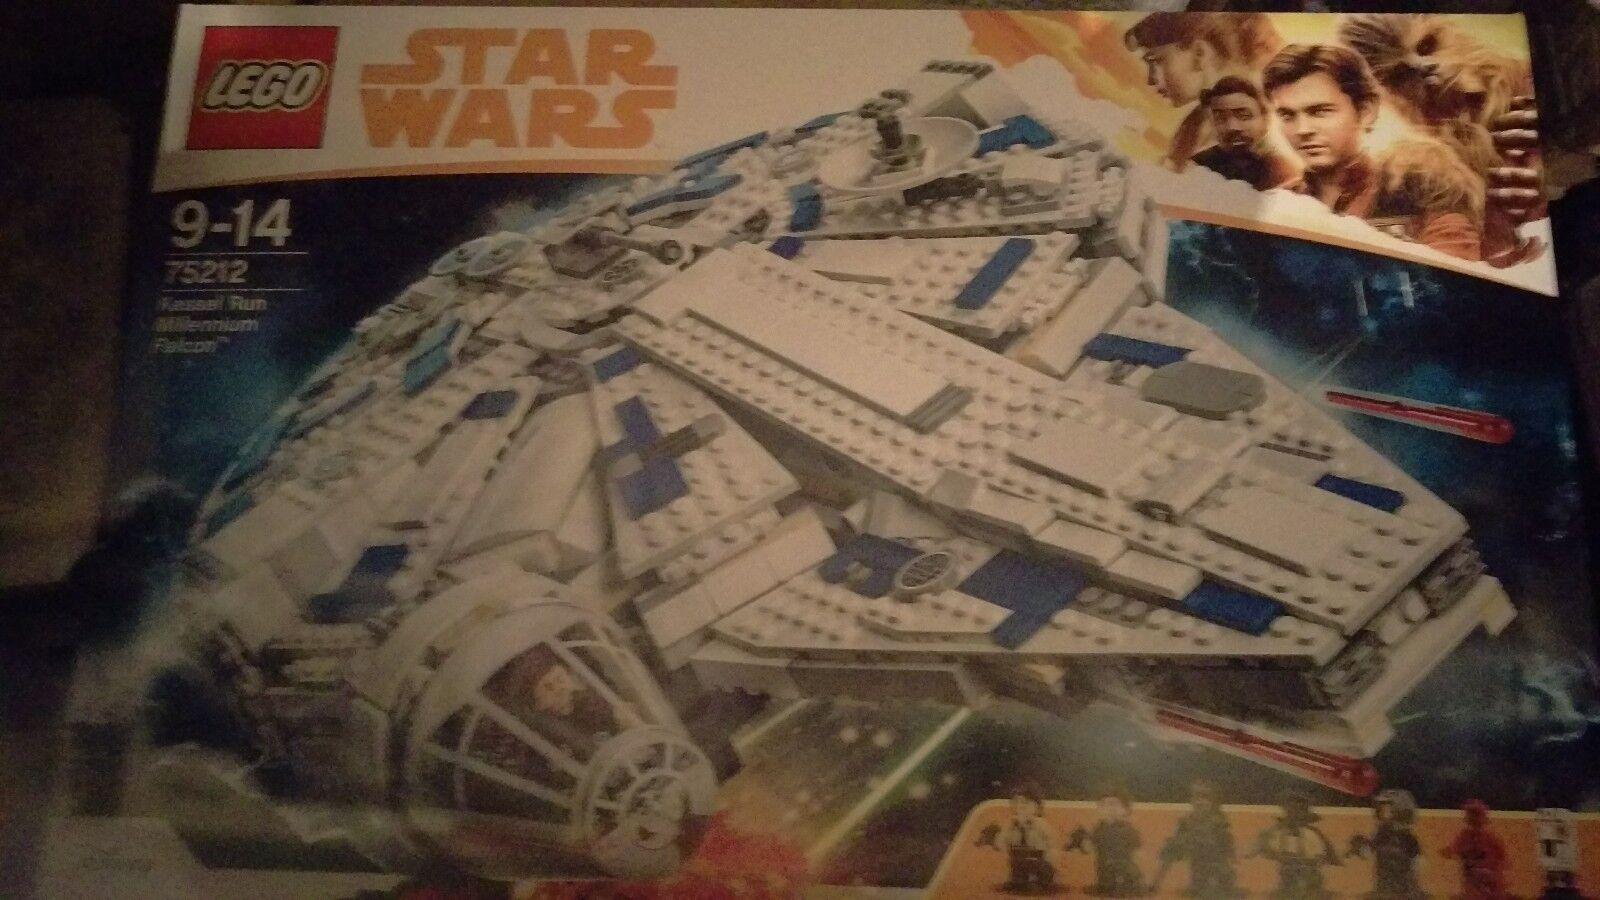 Halcón Milenario Kessel  Run Lego Star Wars 75212 Millenium Falcon